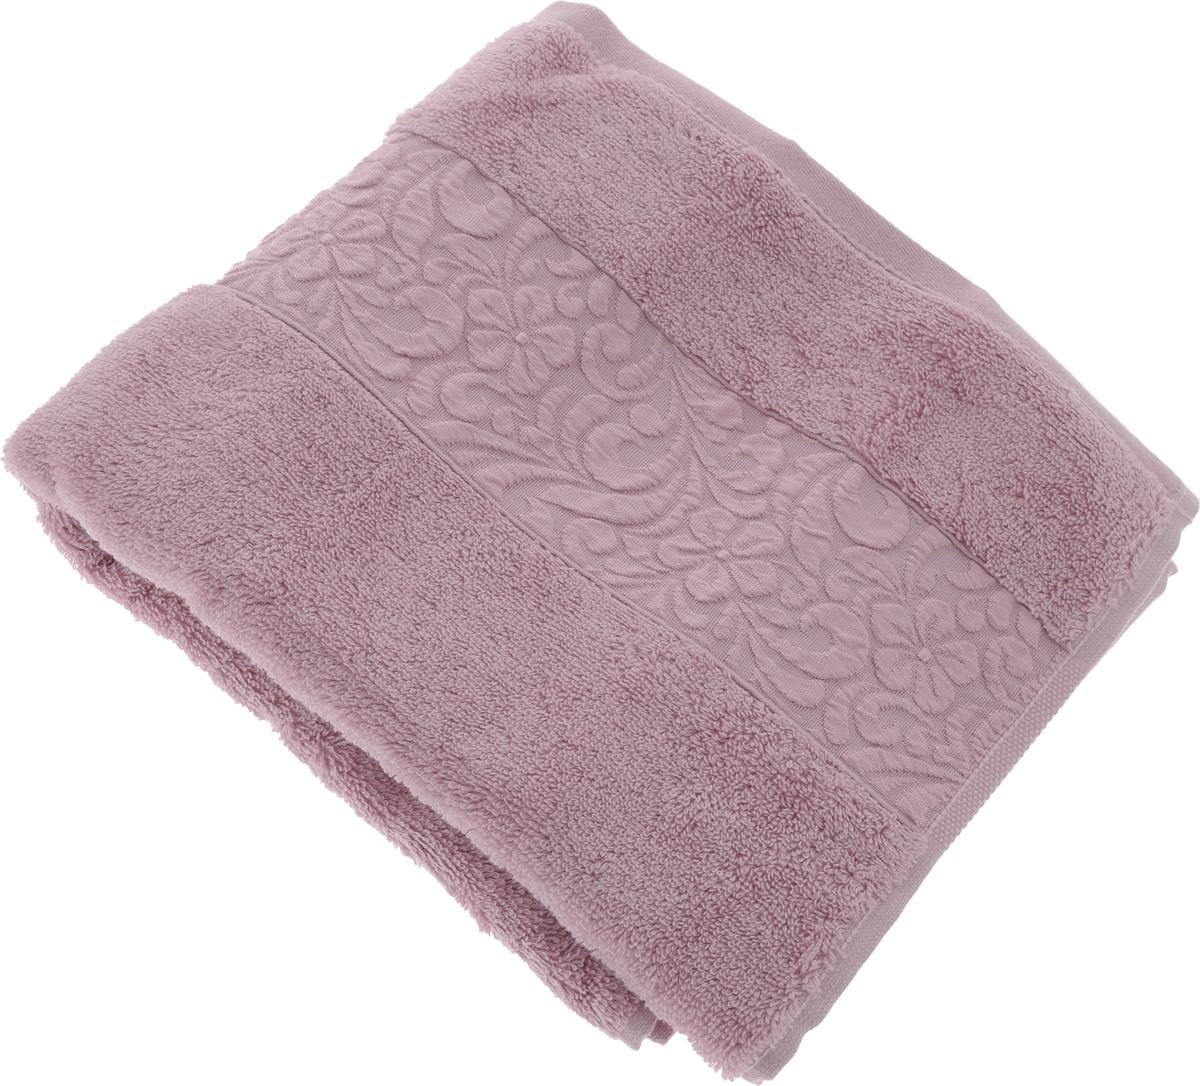 Полотенце бамбуковое Issimo Home Valencia, цвет: светло-пурпурный, 50 x 90 см4768Полотенце Issimo Home Valencia выполнено из 60% бамбукового волокна и 40% хлопка. Таким полотенцем не нужно вытираться - только коснитесь кожи - и ткань сама все впитает. Такая ткань впитывает в 3 раза лучше, чем хлопок.Несмотря на высокую плотность, полотенце быстро сохнет, остается легкими даже при намокании.Изделие имеет красивый жаккардовый бордюр, оформленный цветочным орнаментом. Благородные, классические тона создадут уют и подчеркнут лучшие качества махровой ткани, а сочные, яркие, летние оттенки создадут ощущение праздника и наполнят дом энергией. Красивая, стильная упаковка этого полотенца делает его уже готовым подарком к любому случаю.